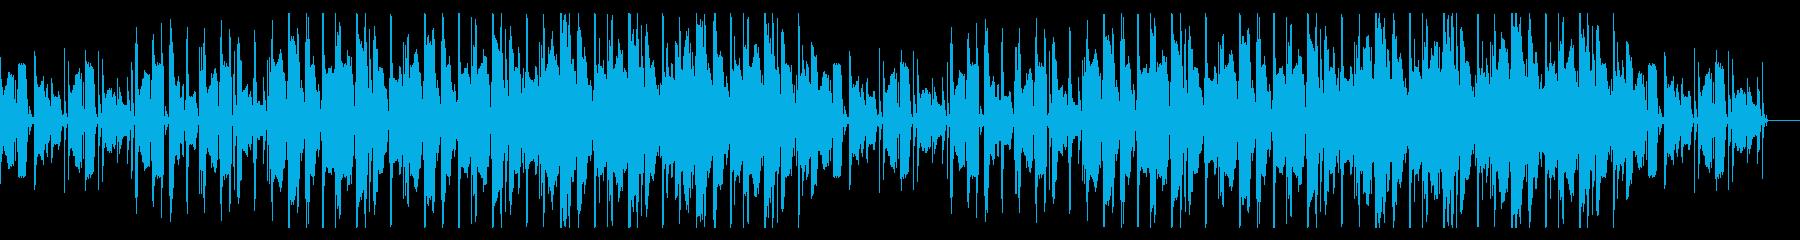 サウンドロゴ、CM,映像制作向けR&Bの再生済みの波形